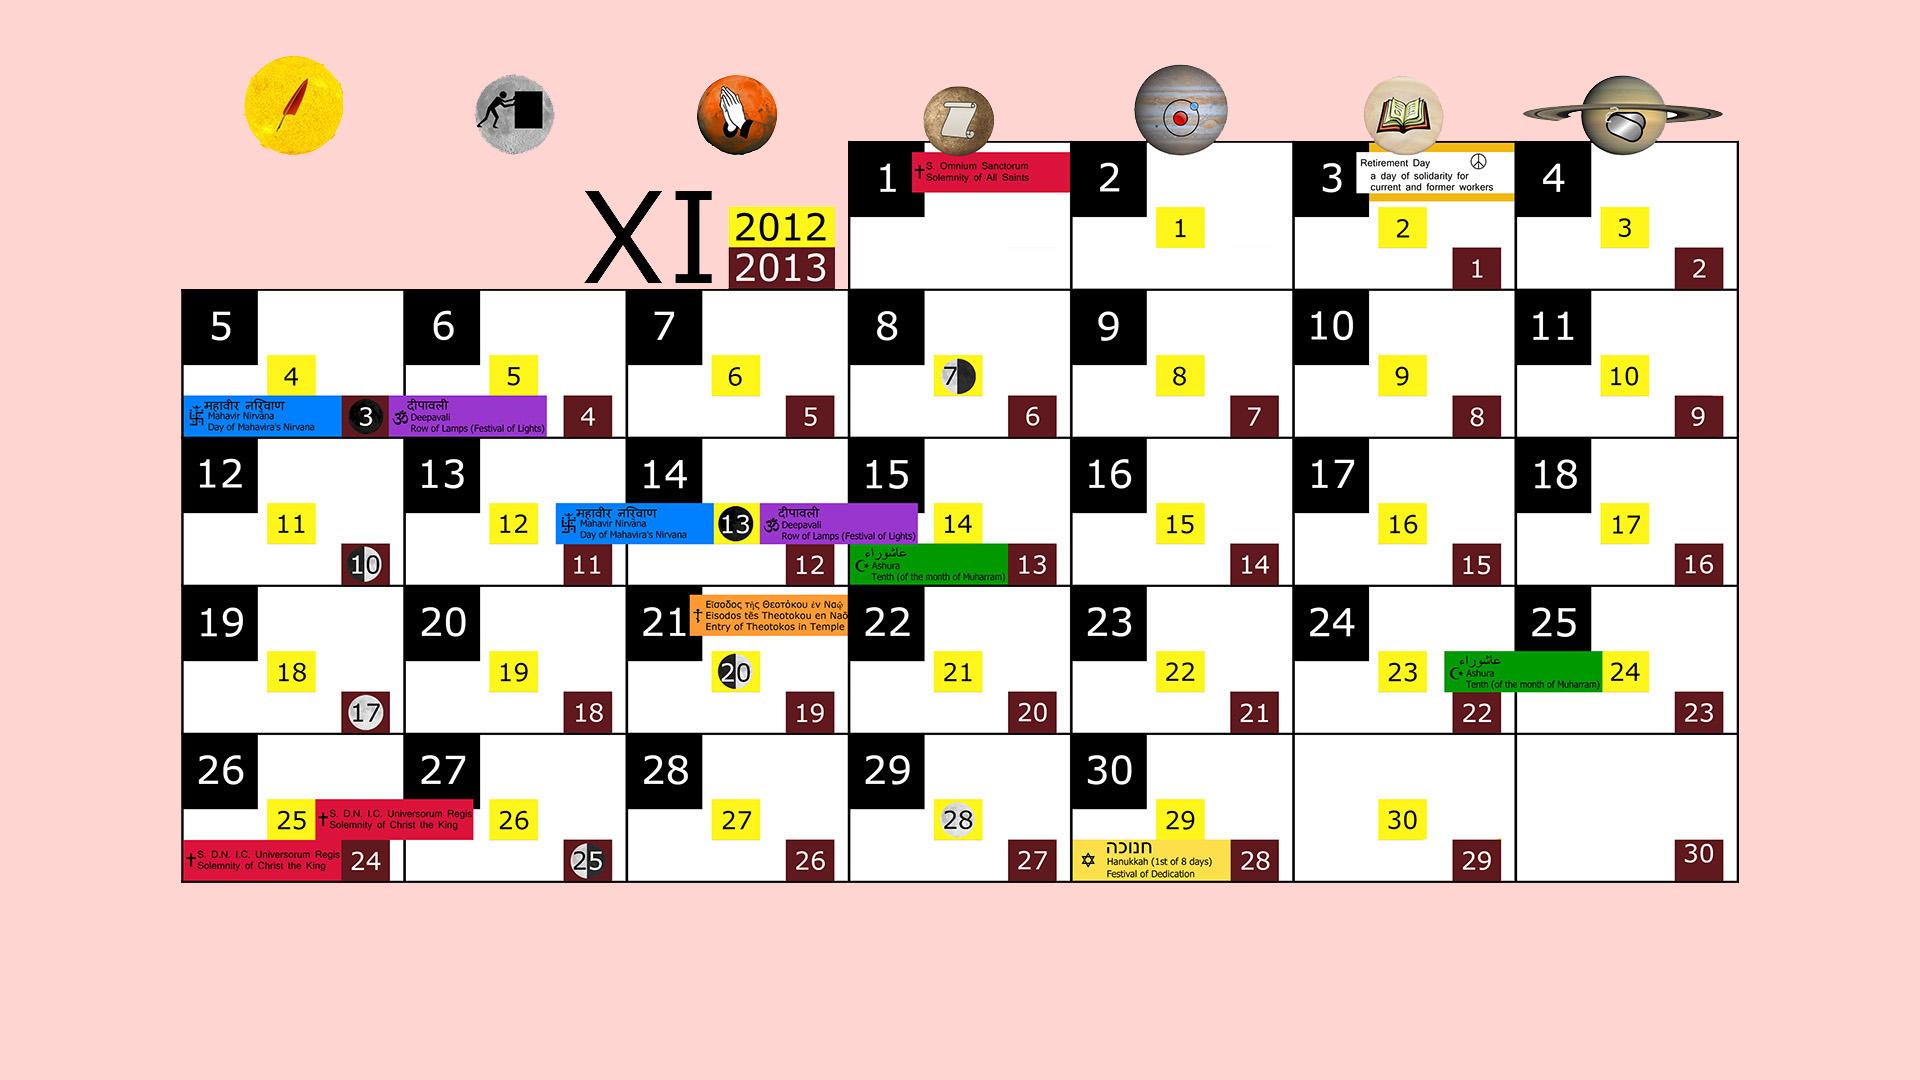 Miesięczny kalendarz świąt na listopad 2012 and 2013 na różowym tle